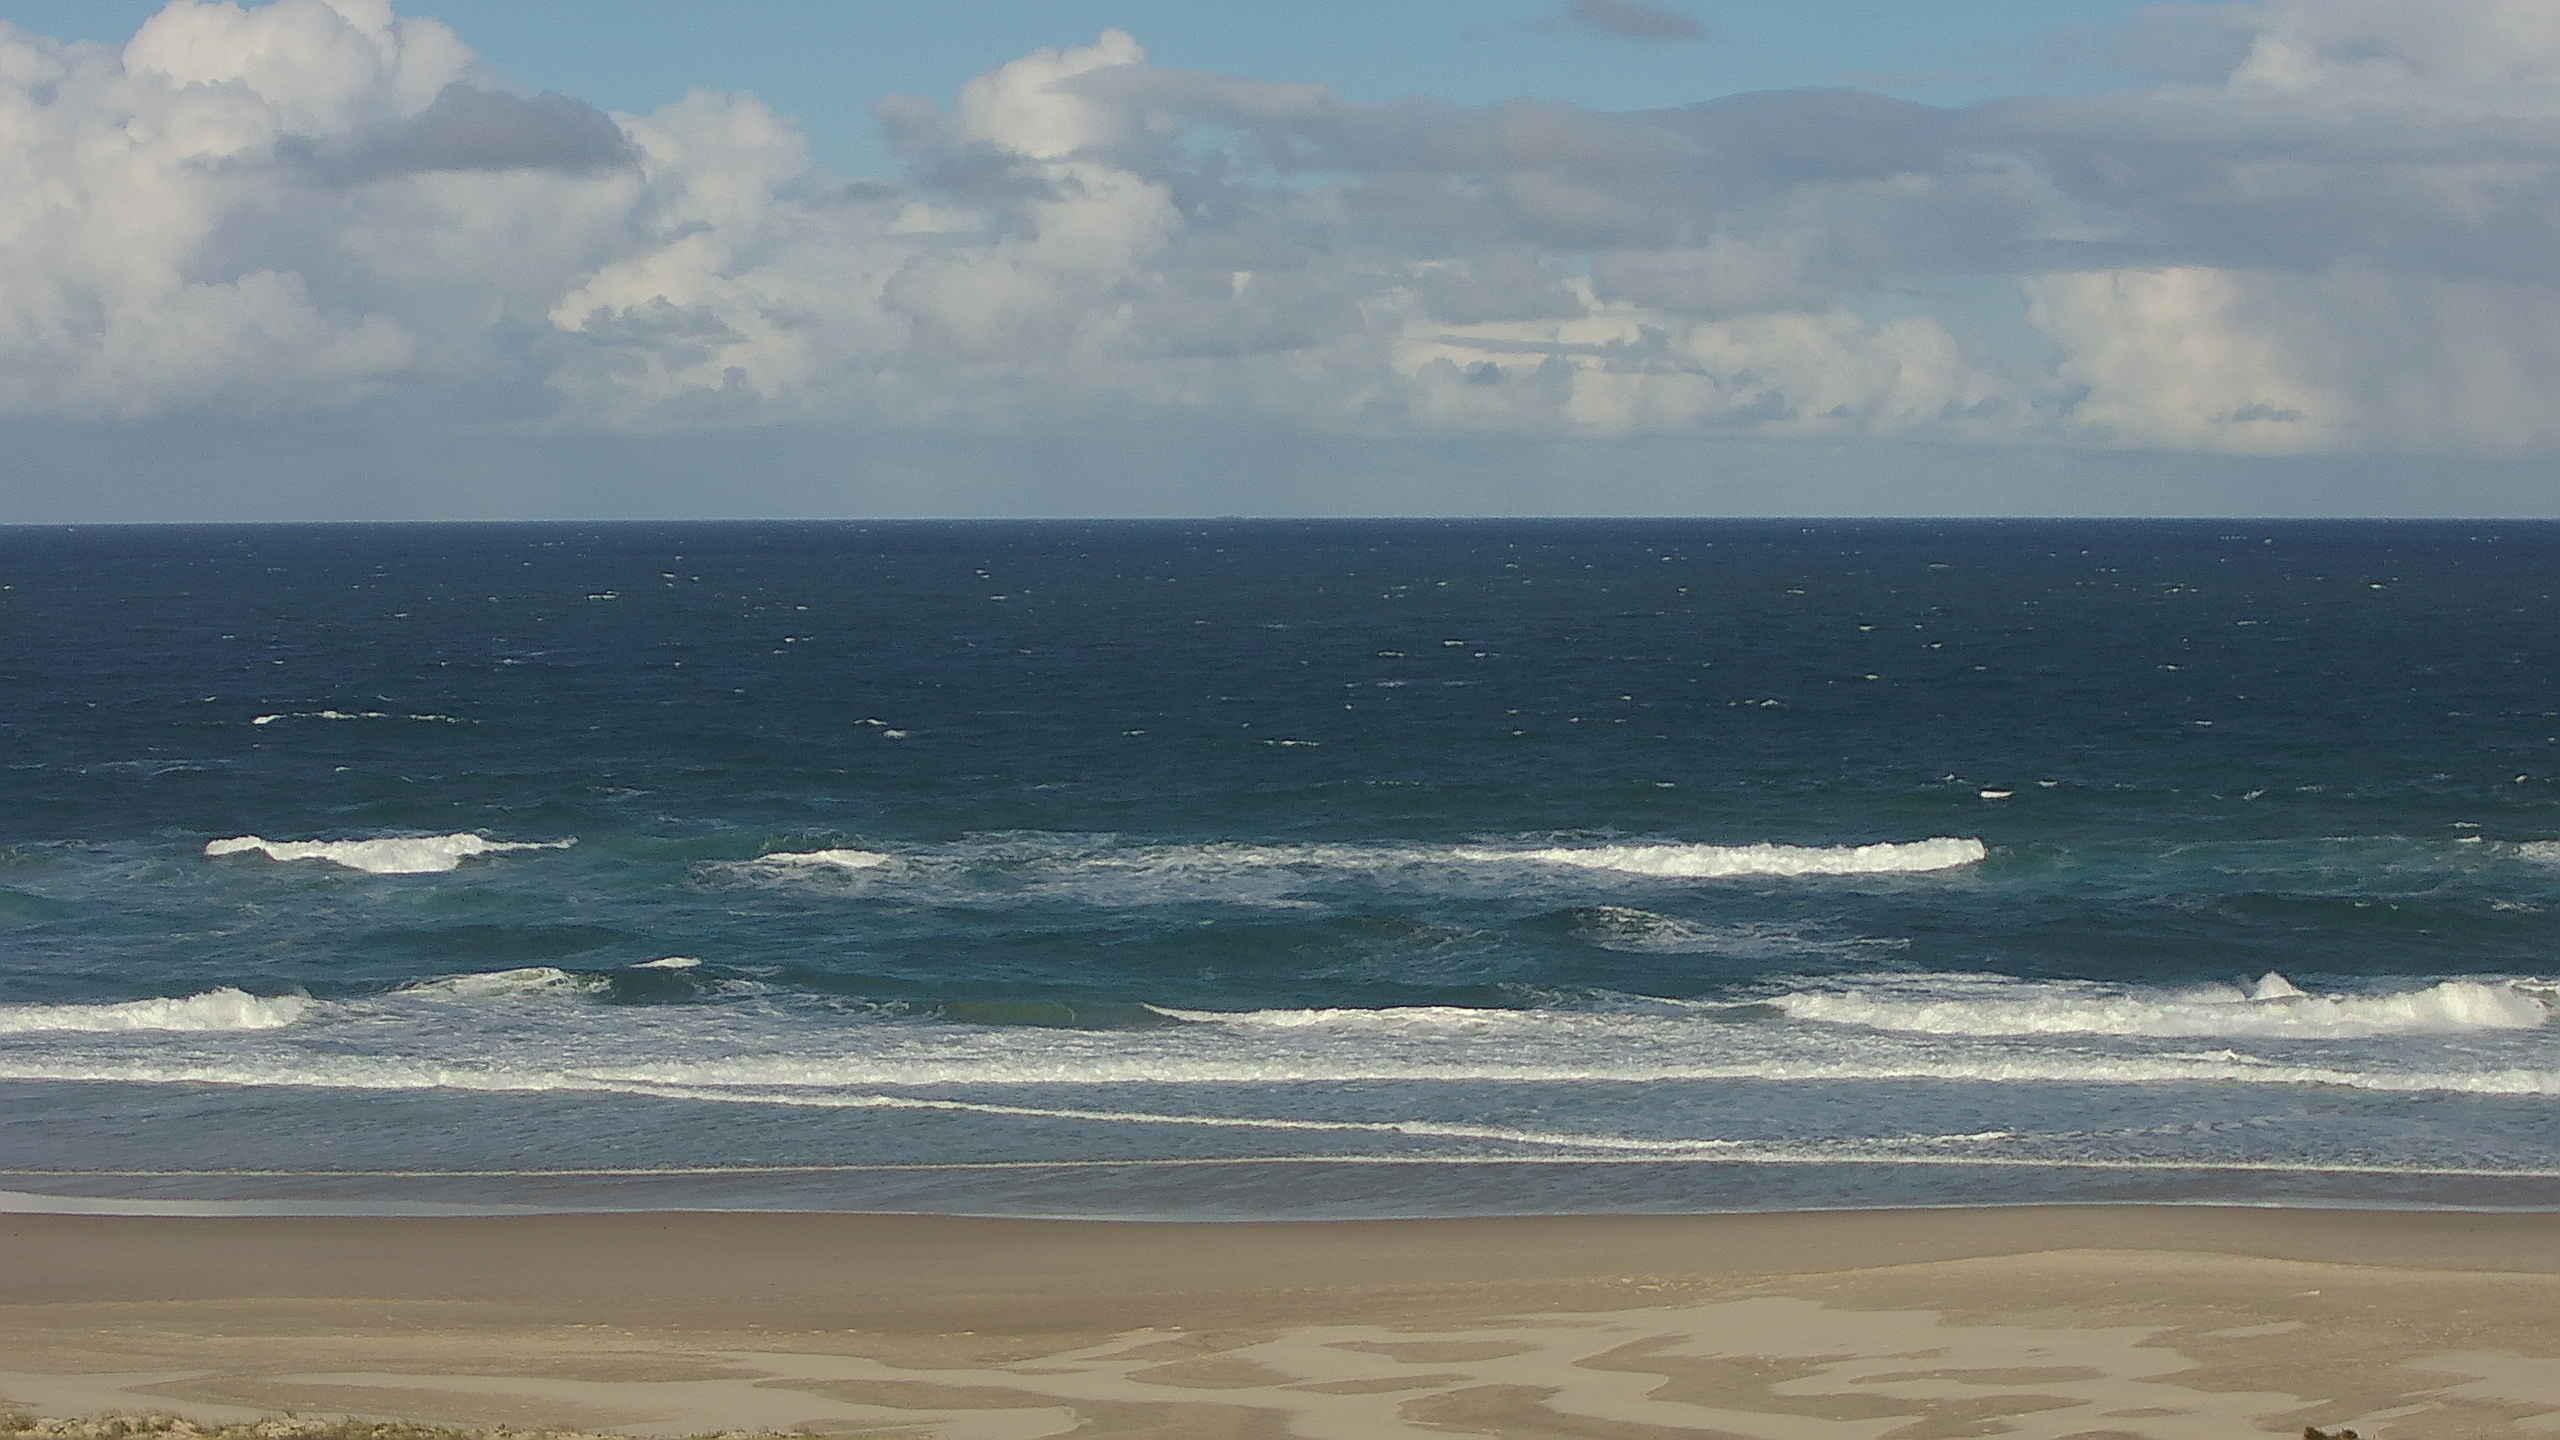 Pippies surfcam still image